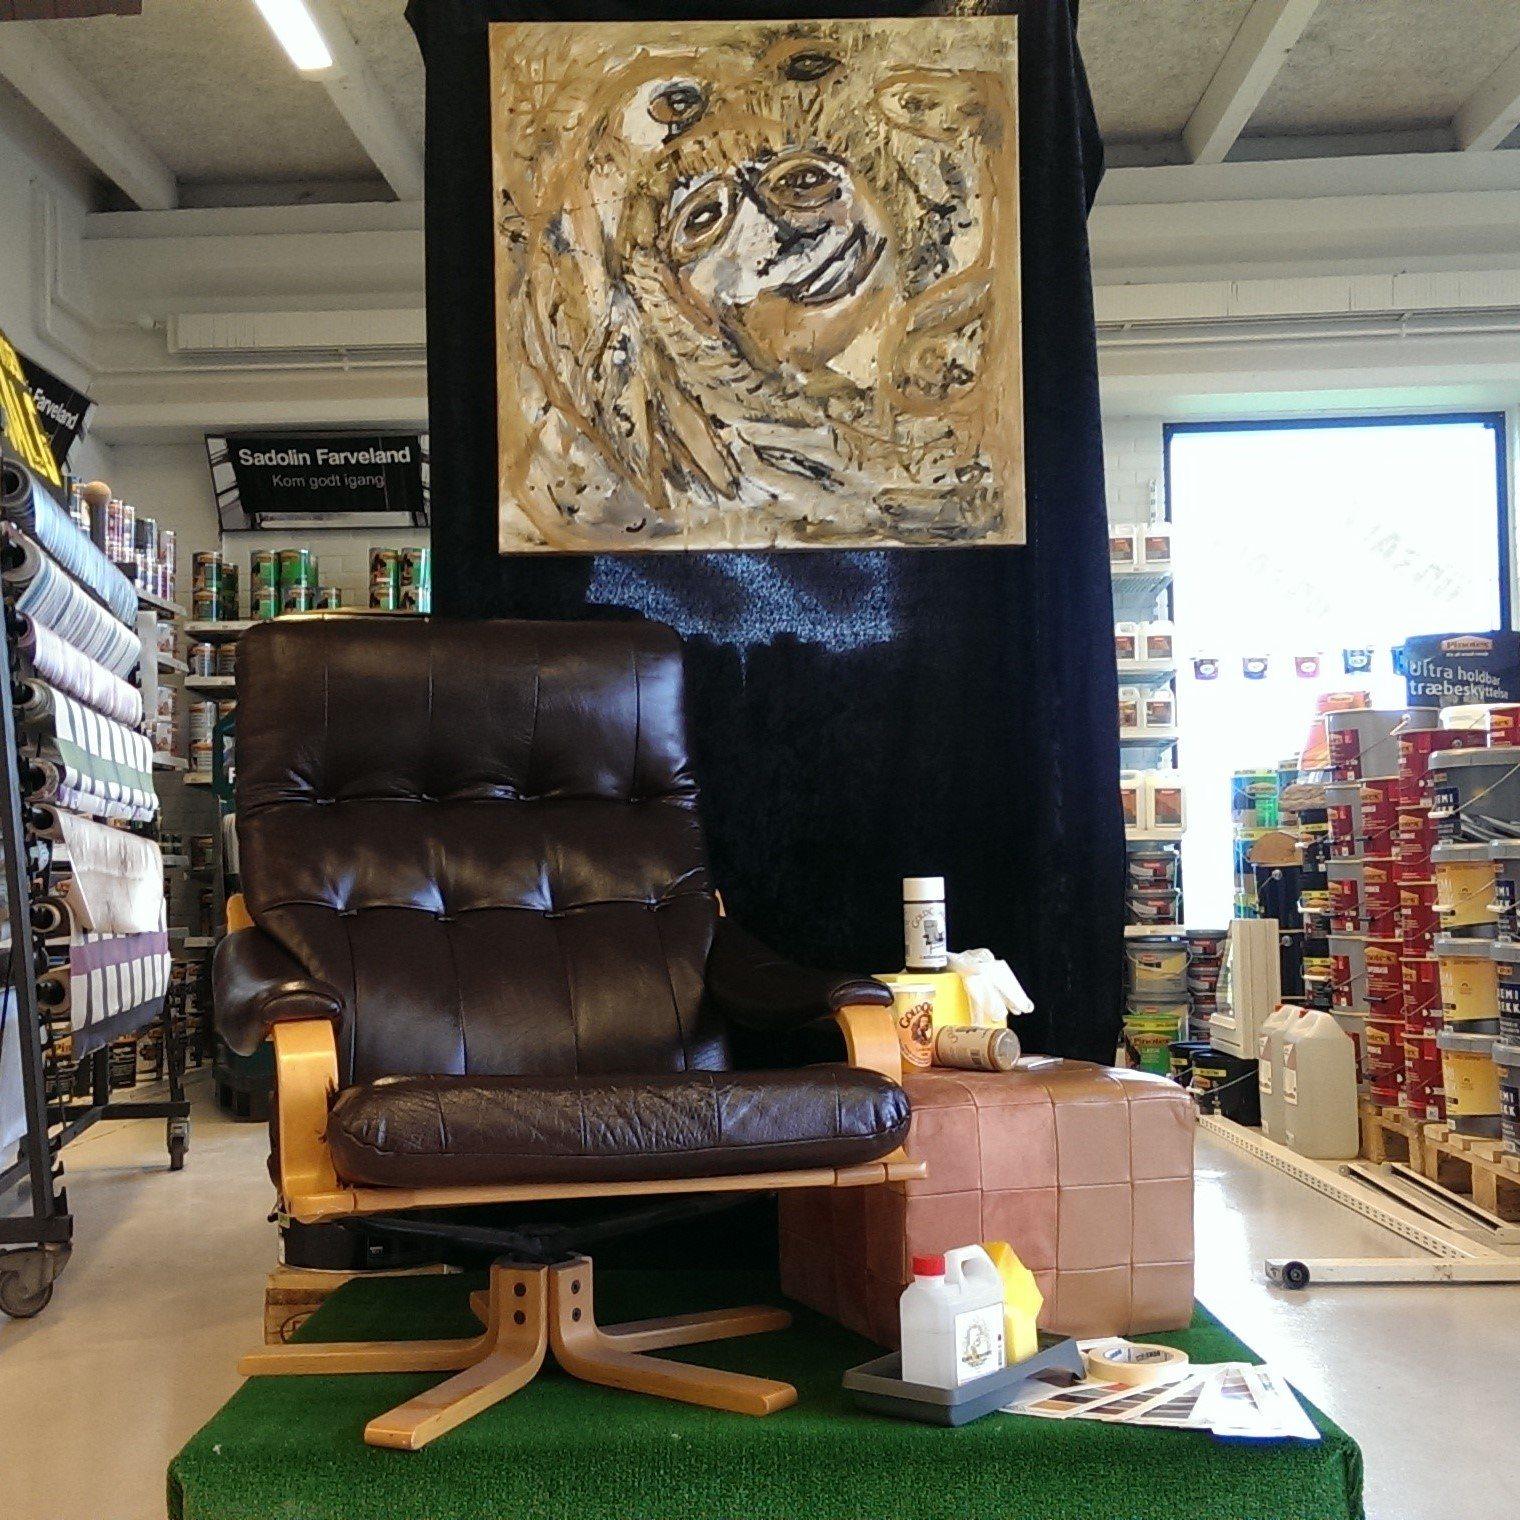 Omfarvet læderstol udstilling